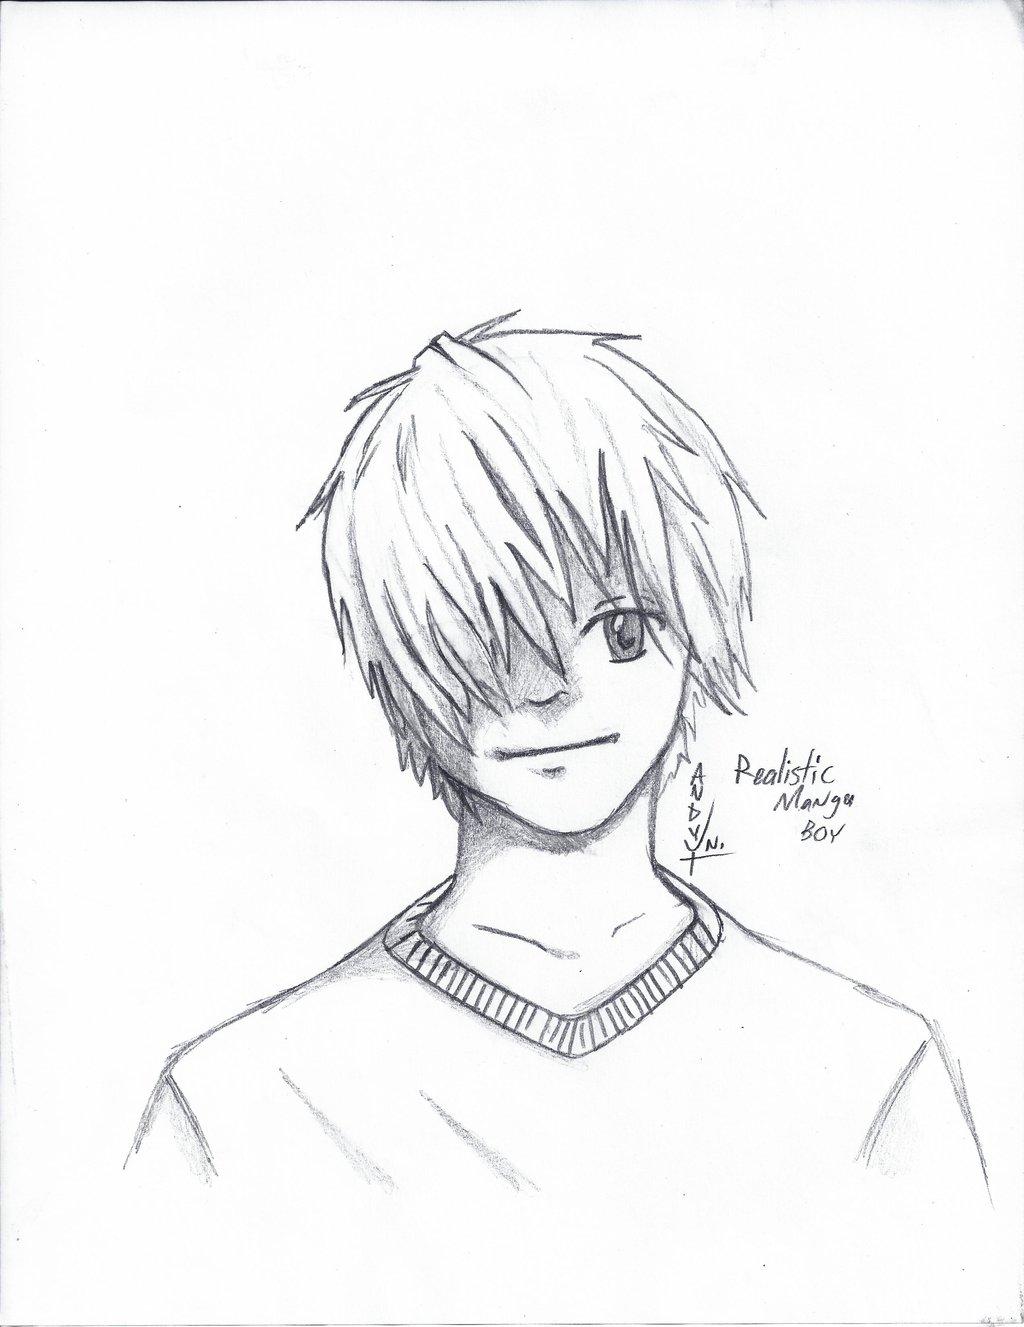 1024x1327 Mangaboy Drawing Realistic Manga Boyleapoffaith4